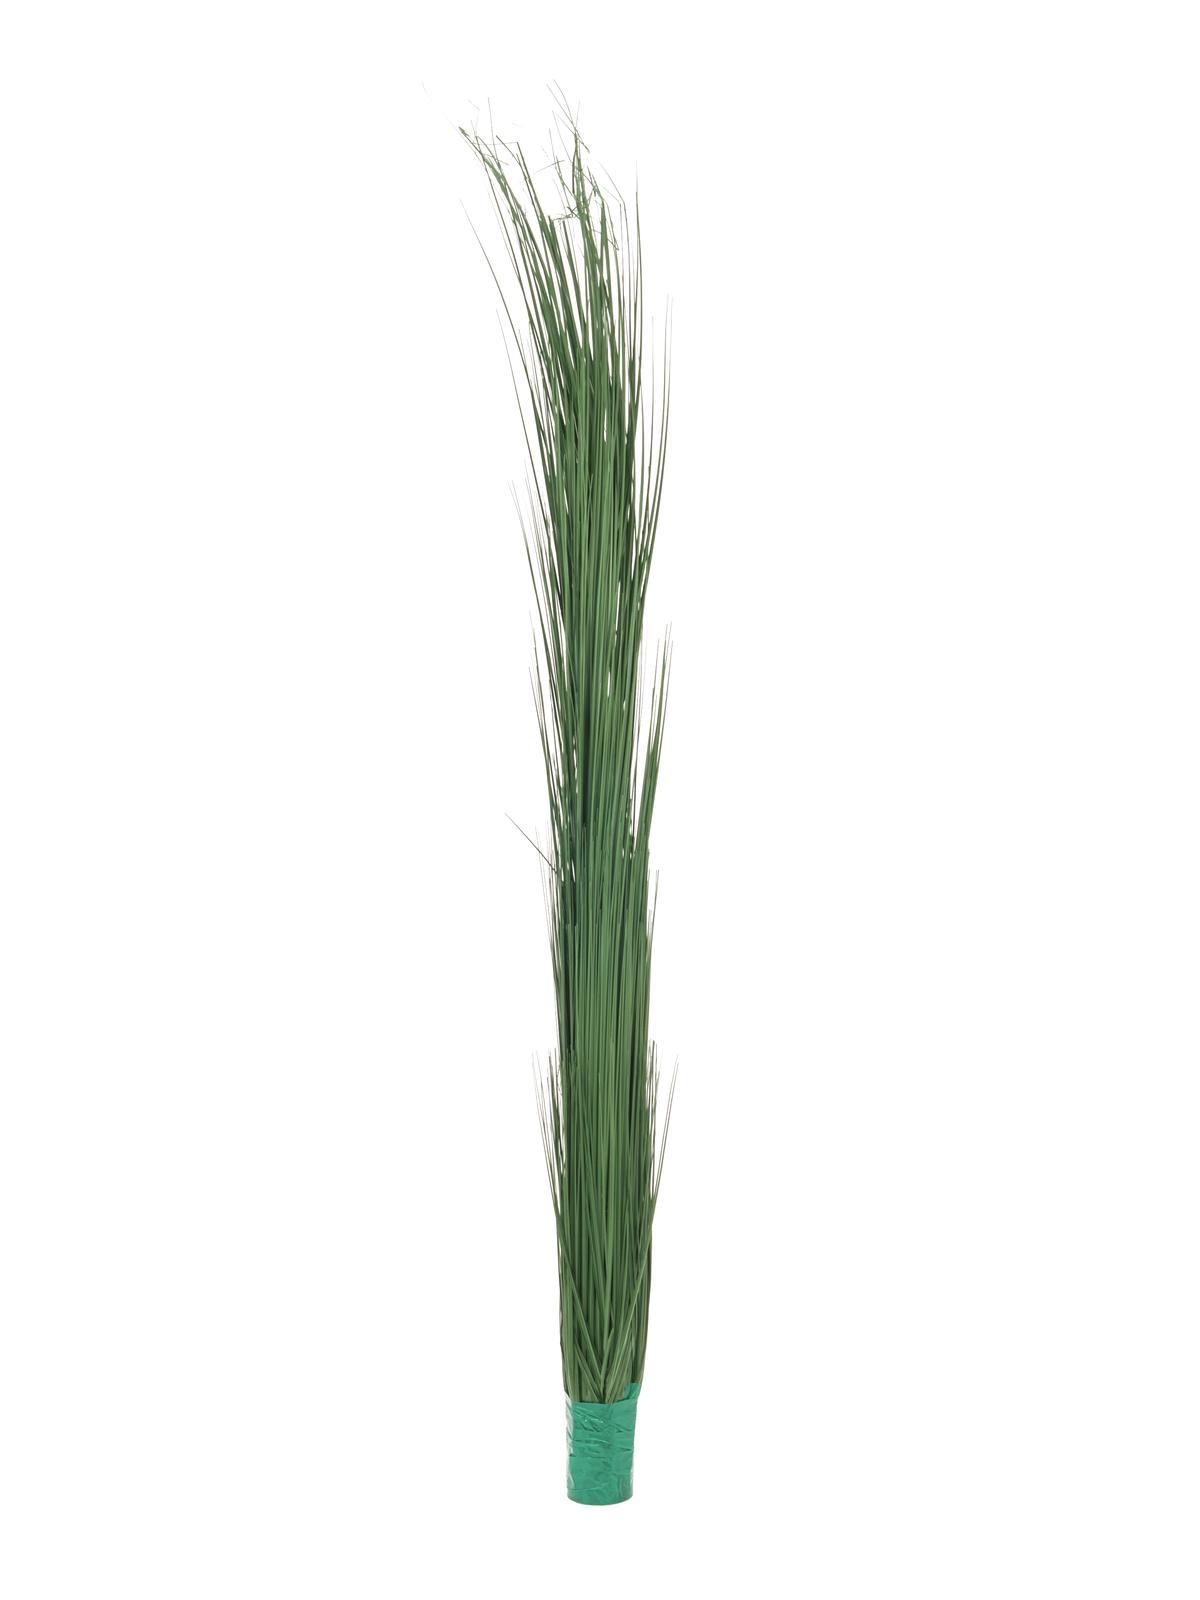 Zblochan vodní, tmavě zelený, 127 cm